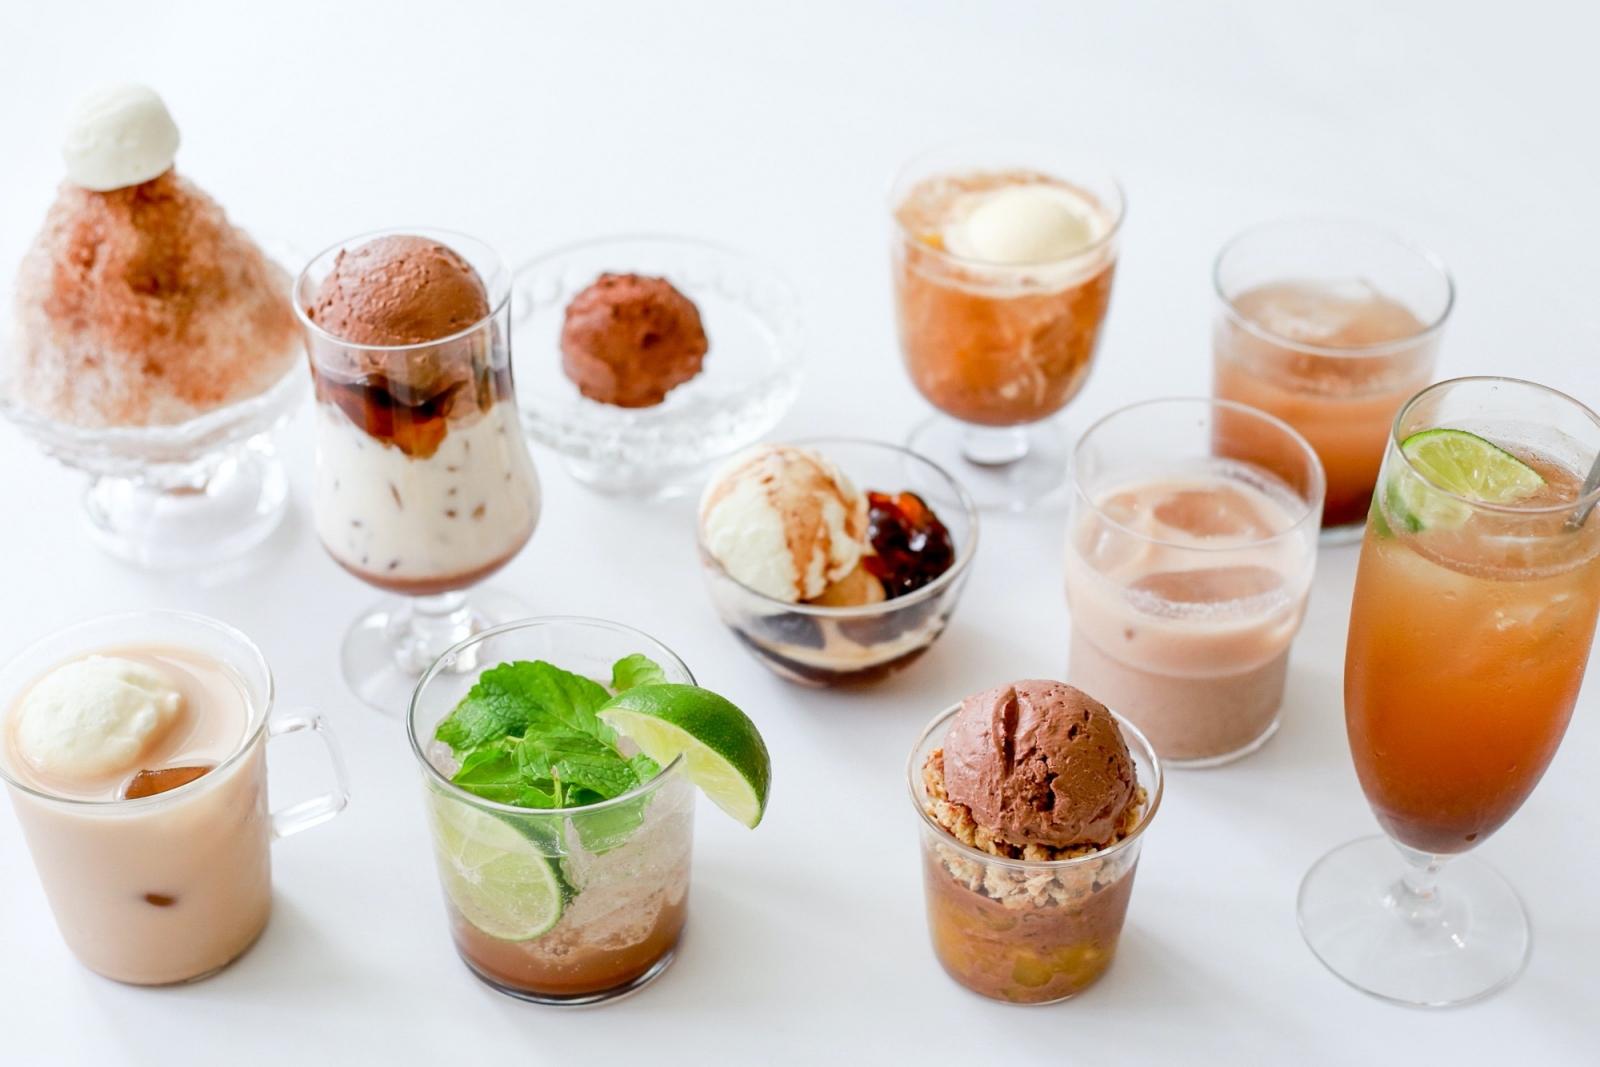 フロートやモヒートも!minimalから自宅で本格的チョコドリンクを簡単に作れるキット「スパイス香るチョコレートシロップのおうちカフェセット」販売スタート。